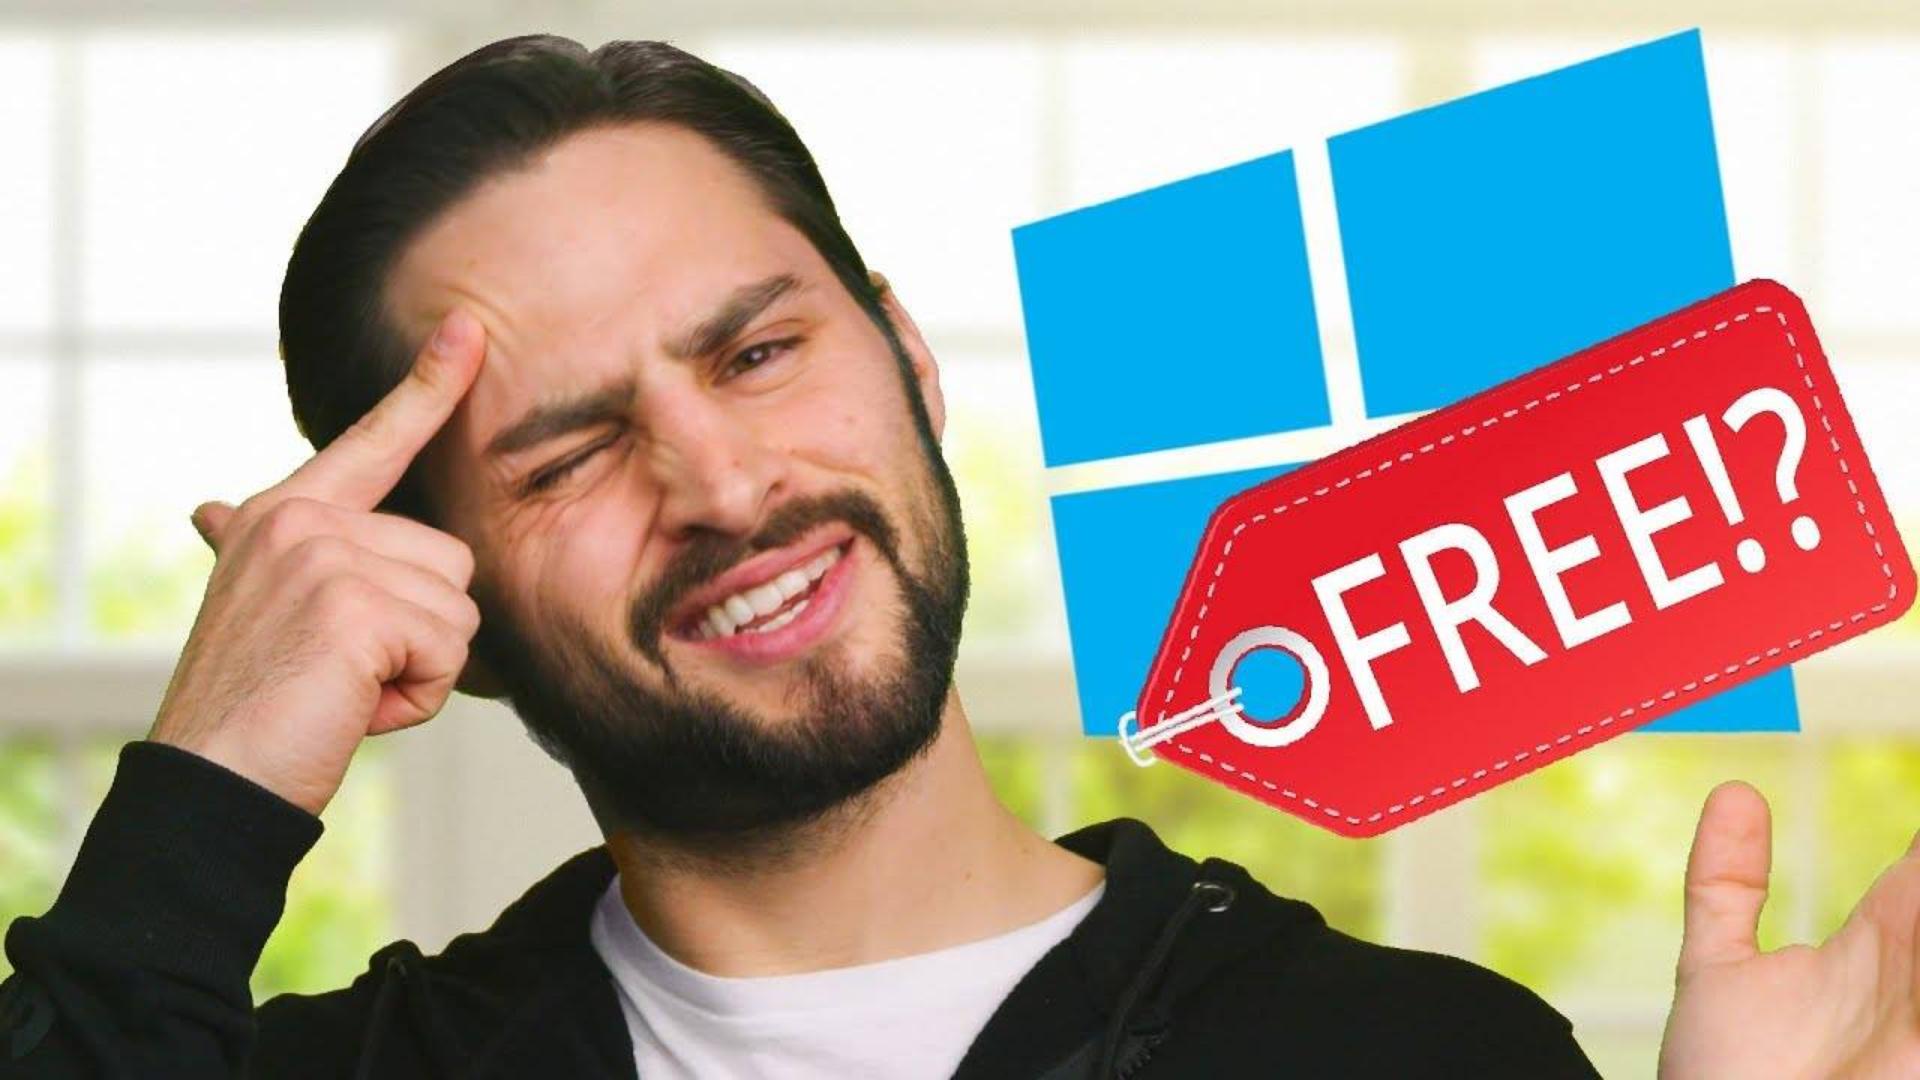 【官方双语】为什么Win10能免费用? #电子速谈